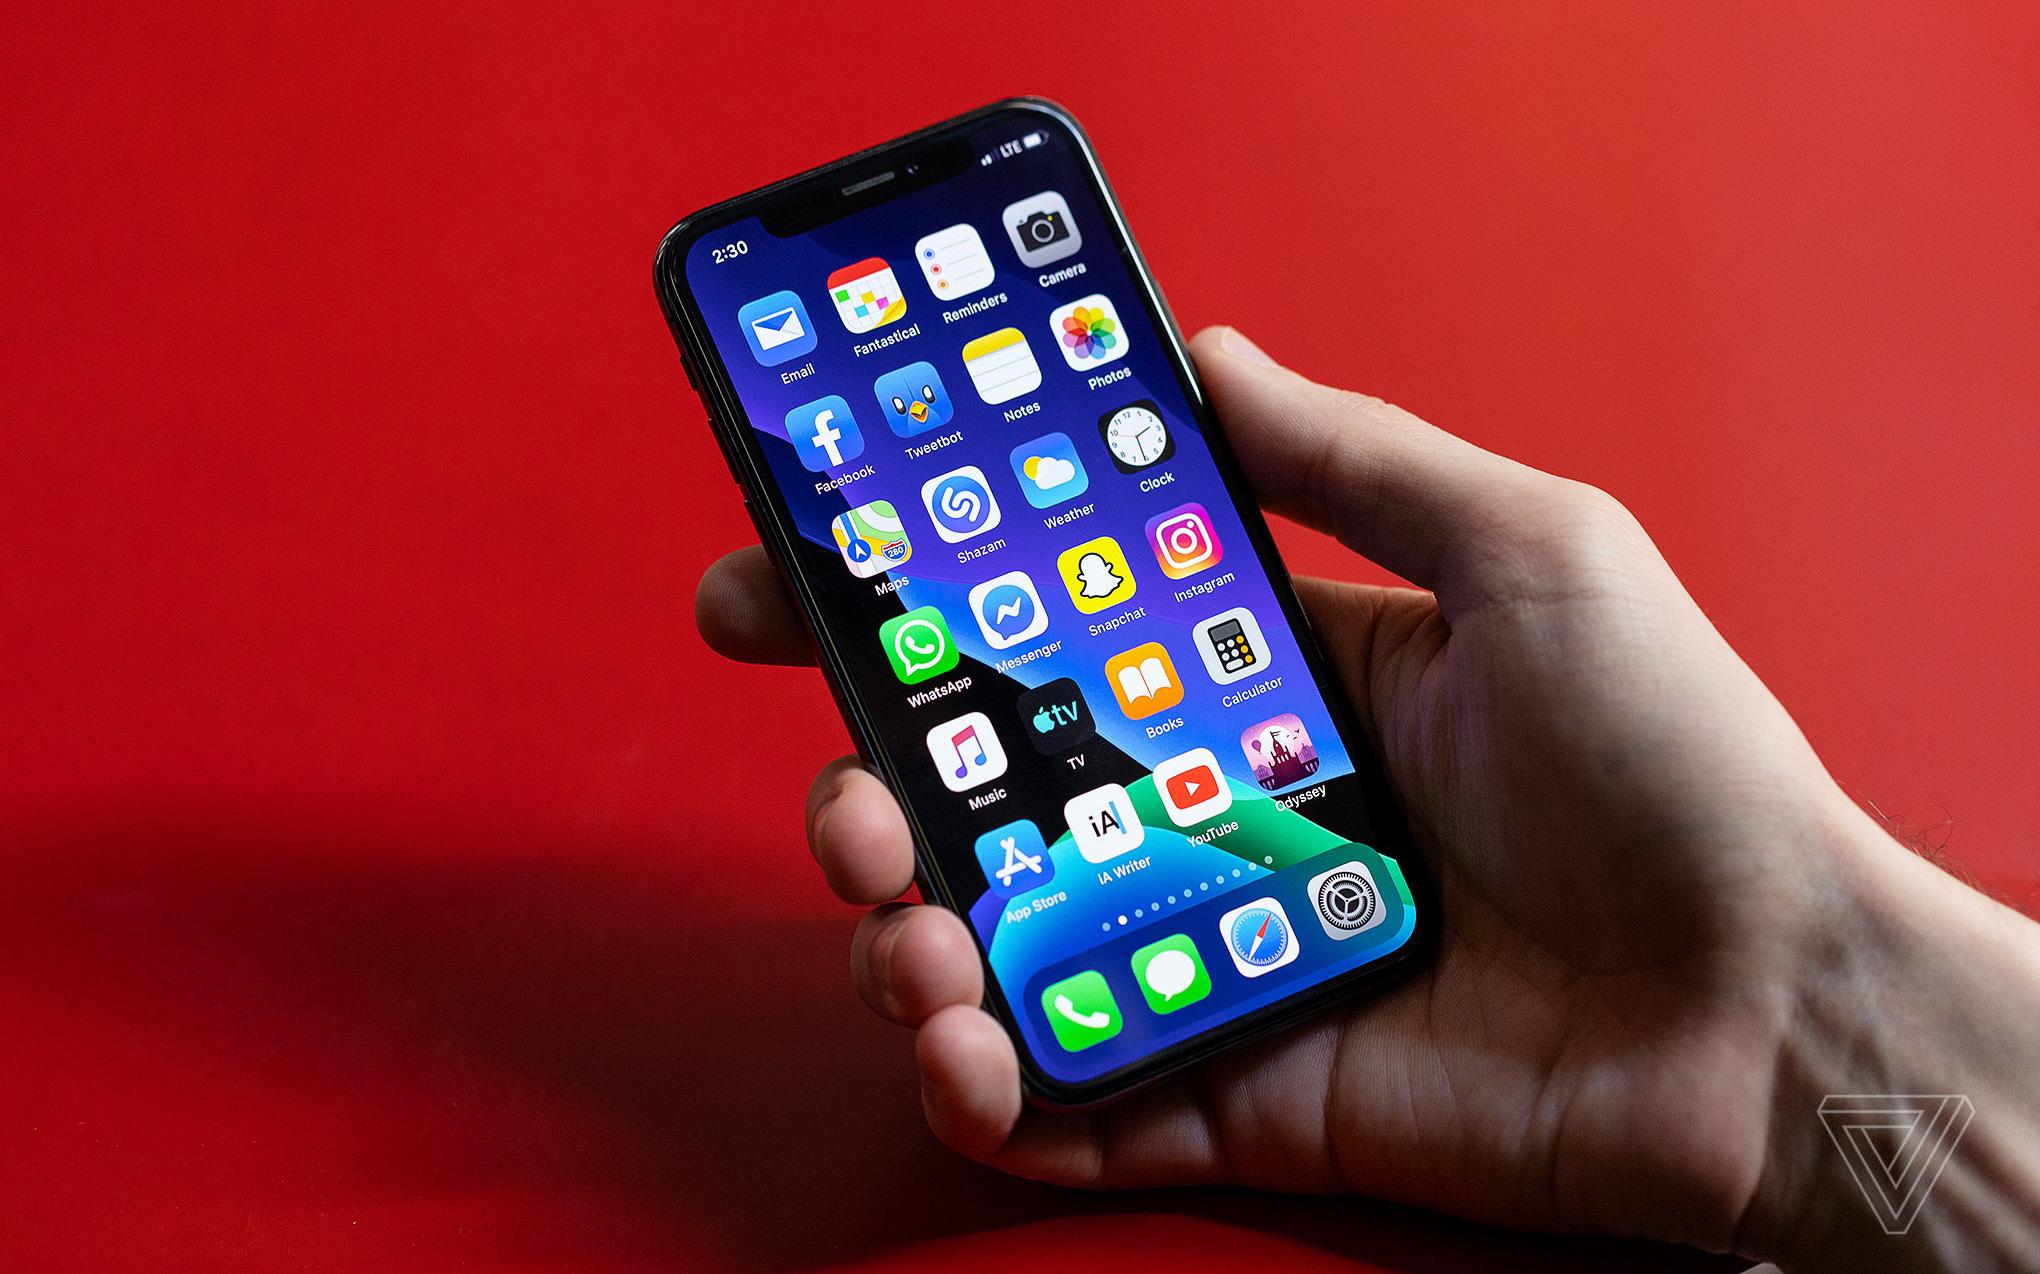 Apple thử nghiệm tính năng dùng thử ứng dụng không cần cài đặt trong iOS 14